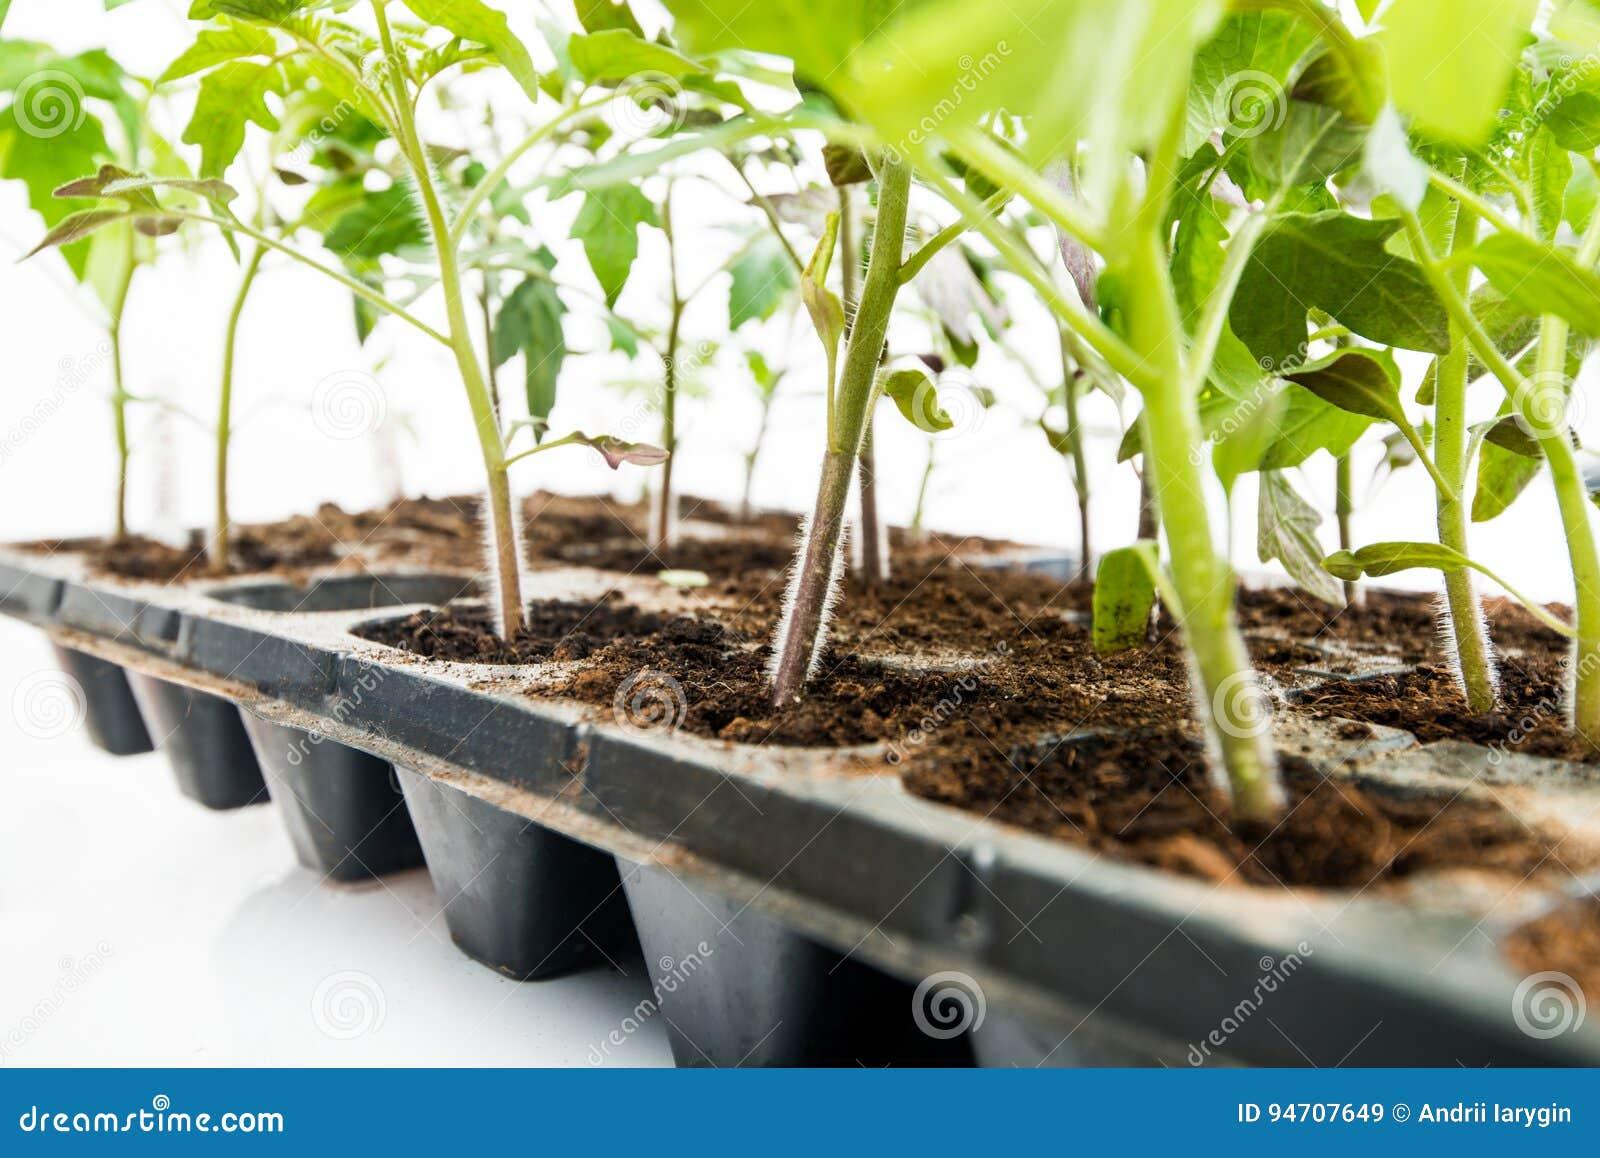 Plantaväxter i en kassett på en vit bakgrund